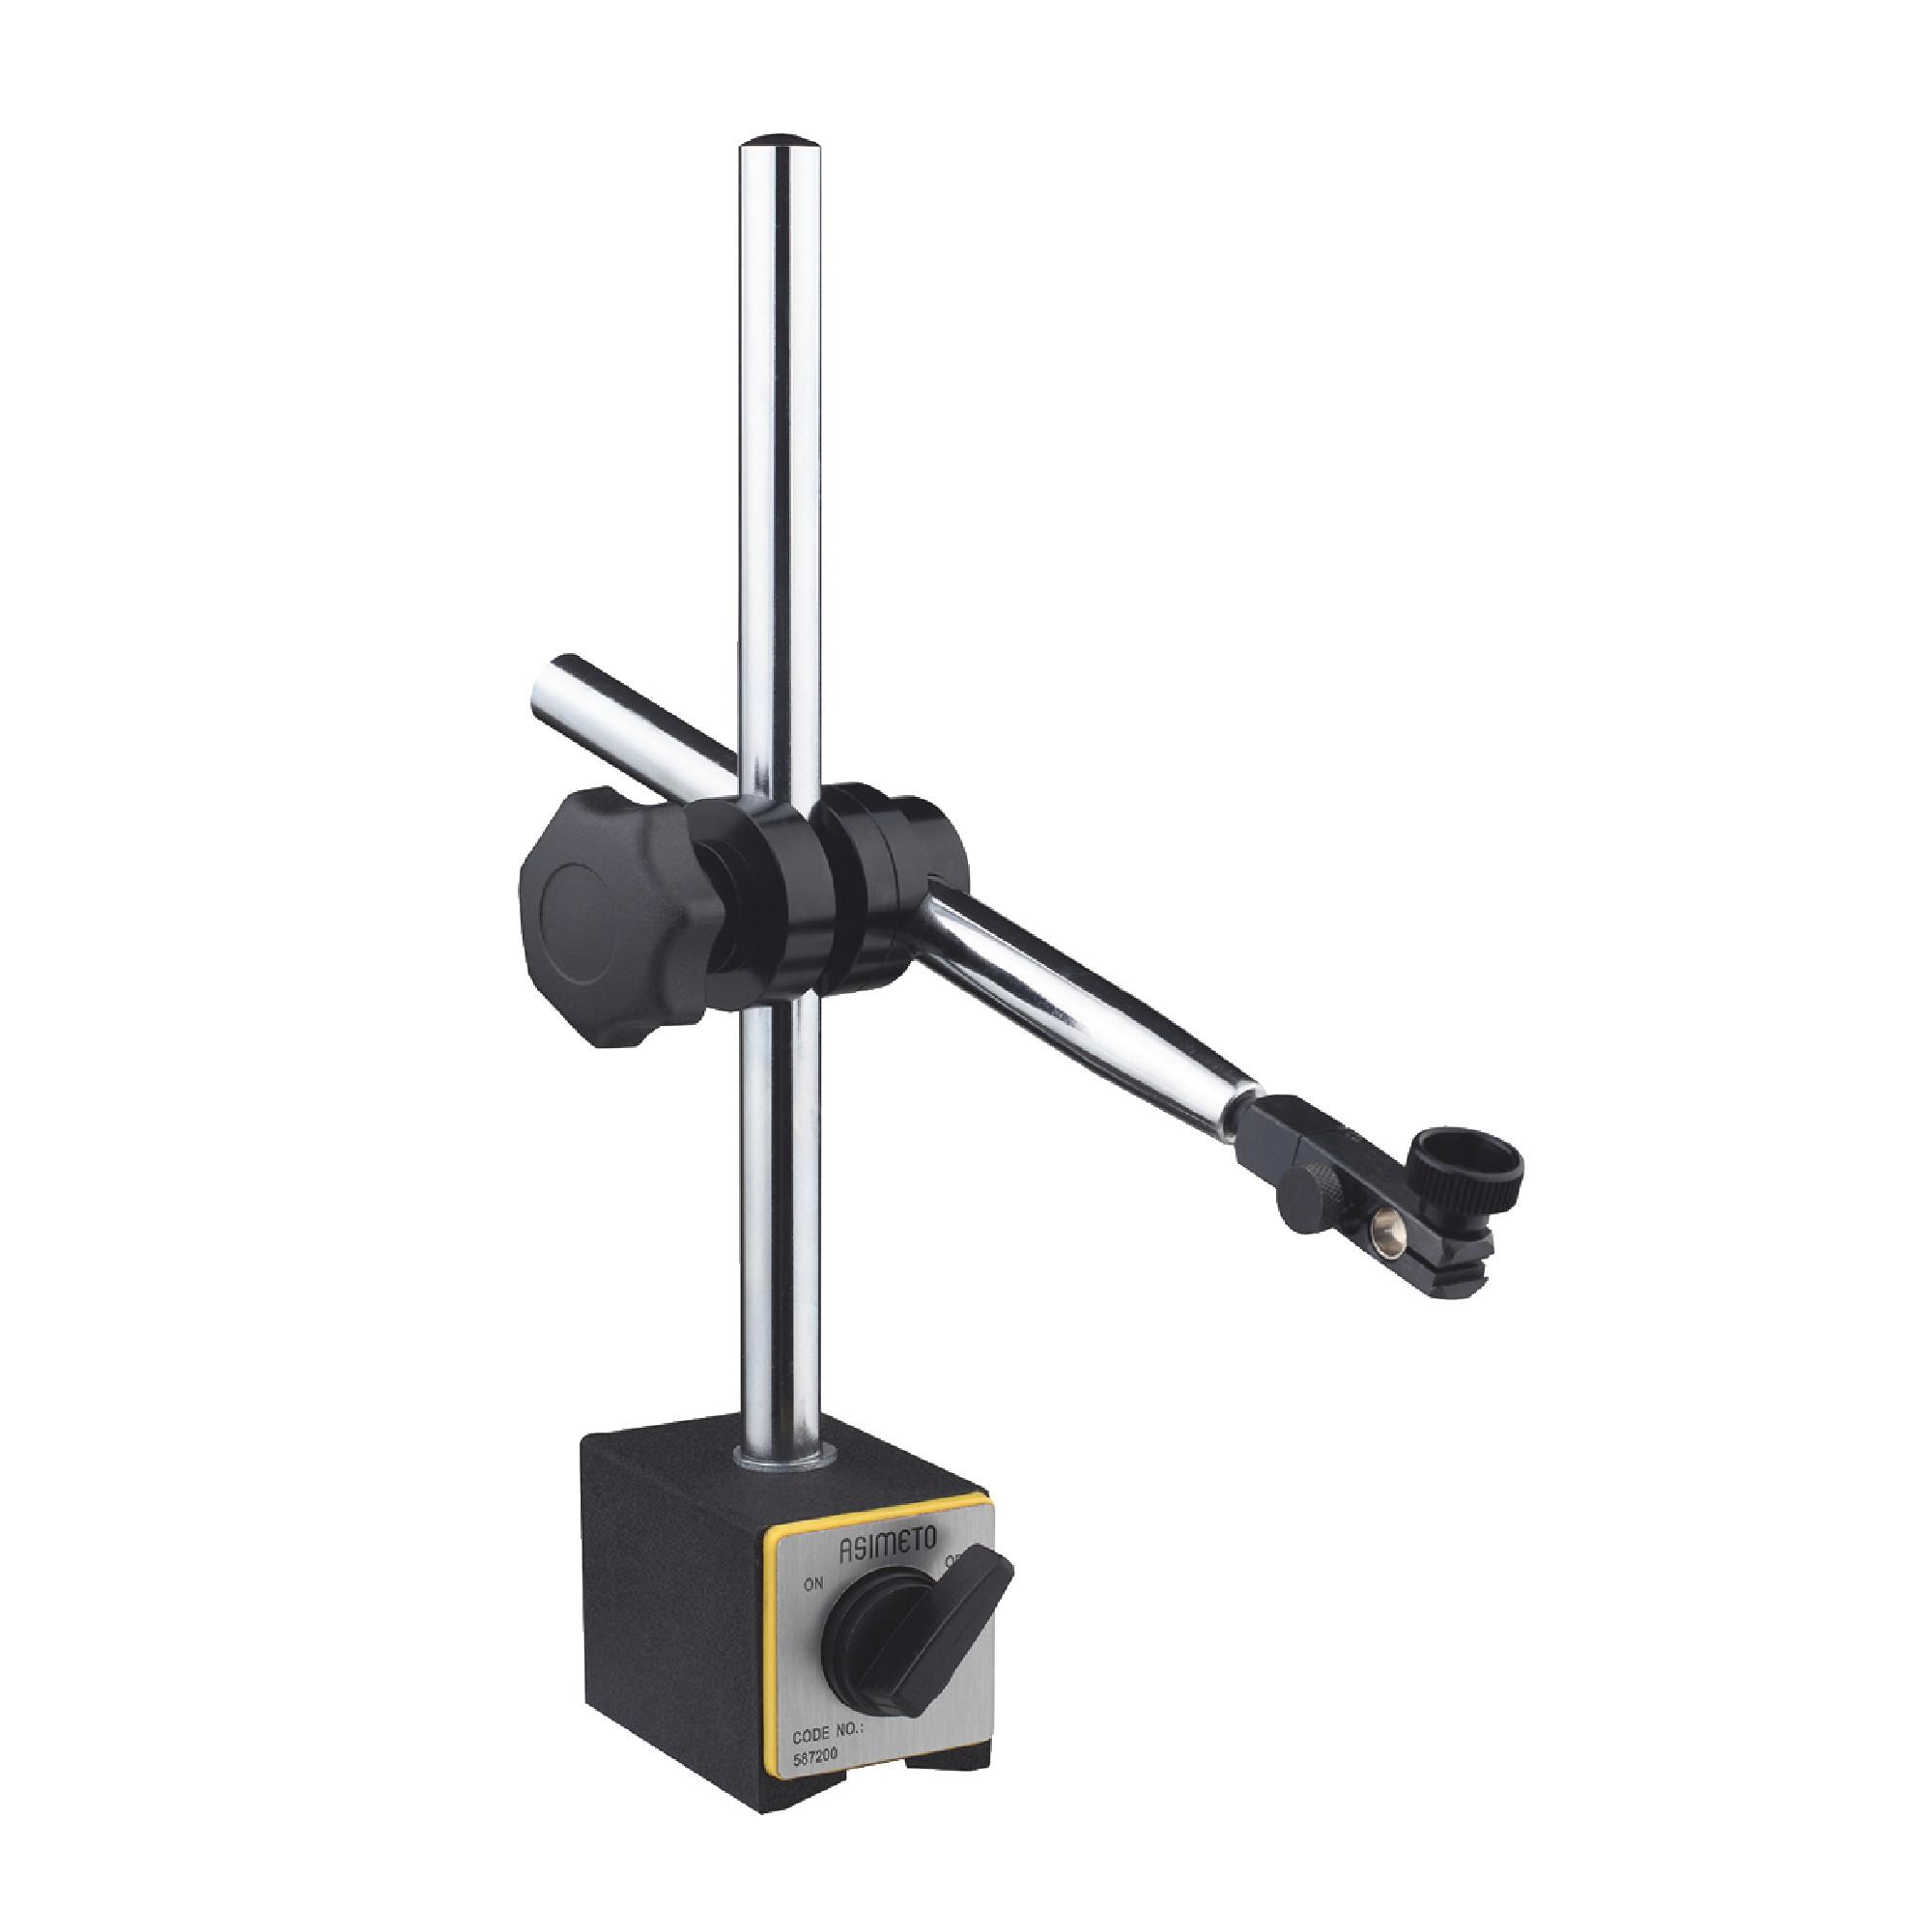 ASIMETO Forced Locking Magnetic Base & Indicator Holder